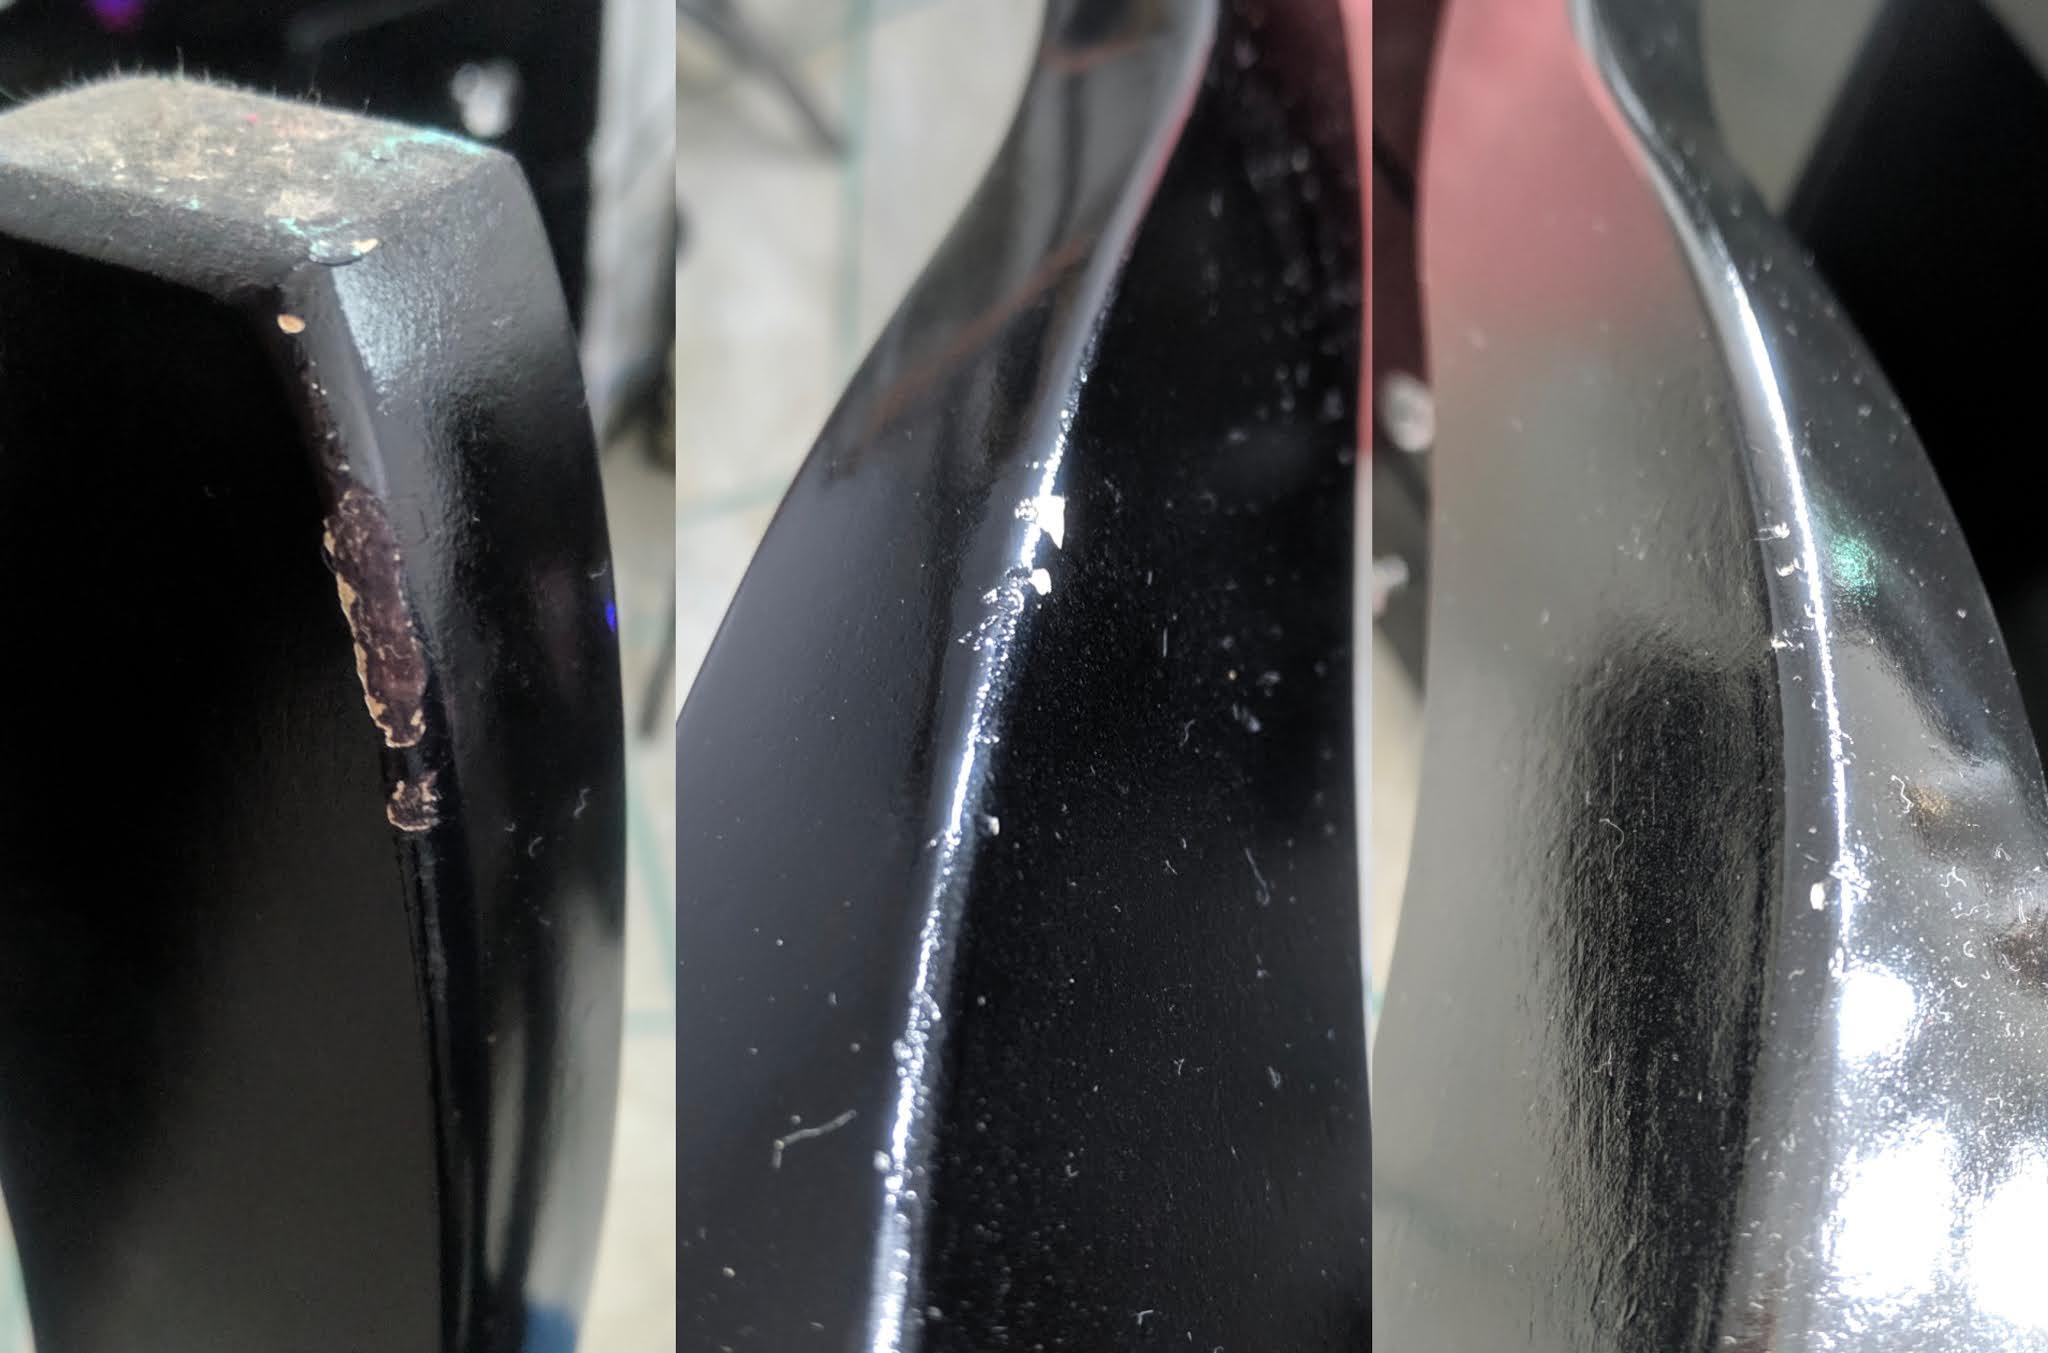 Descascamento nas pernas do banco giulia presentes